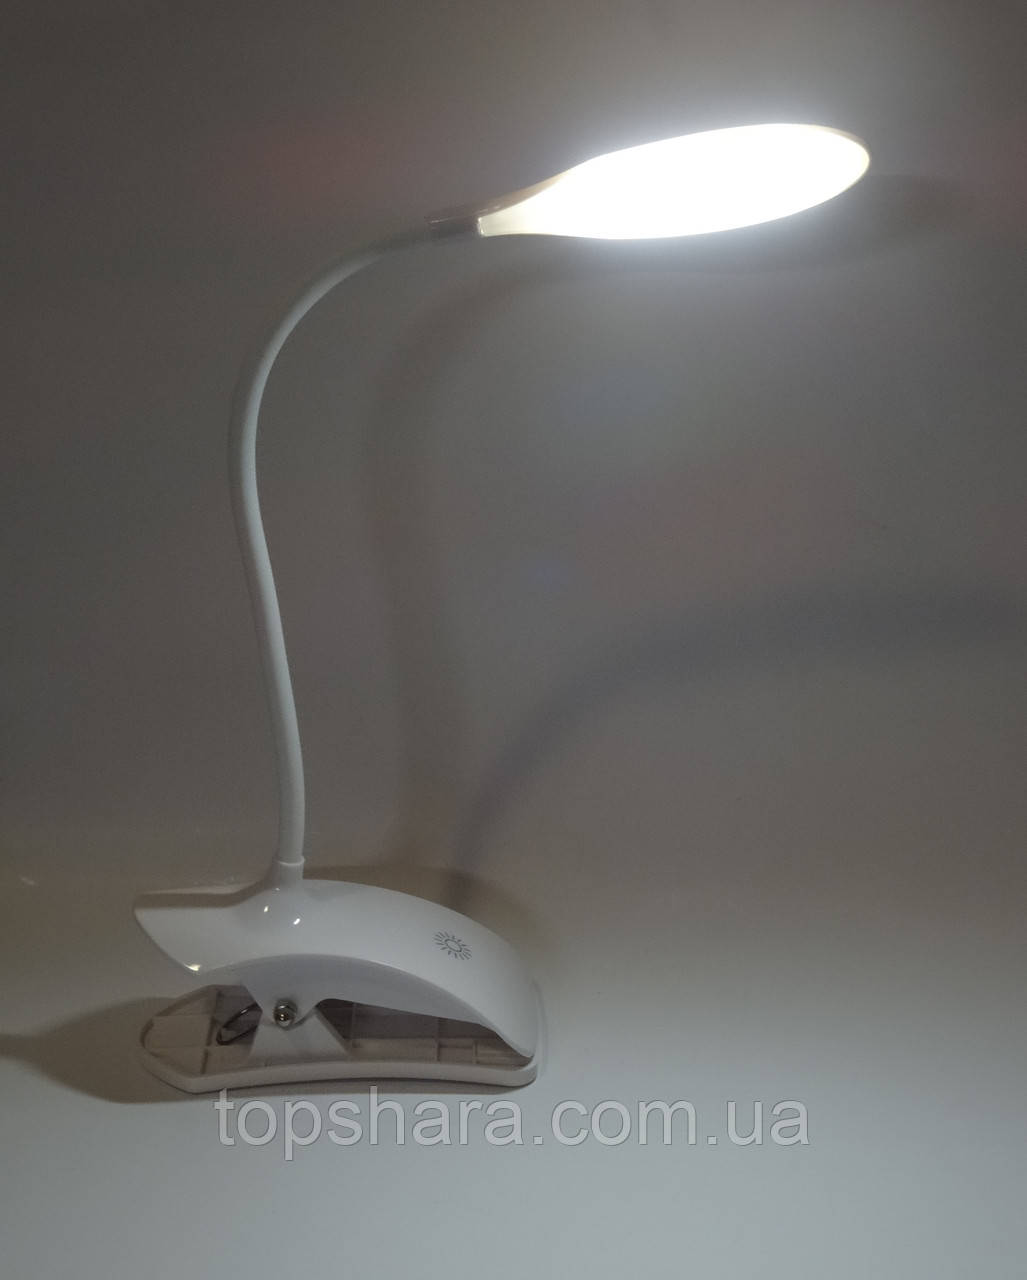 Настольная led лампа USB на прищепке с сенсорной регулировкой яркости MH-007